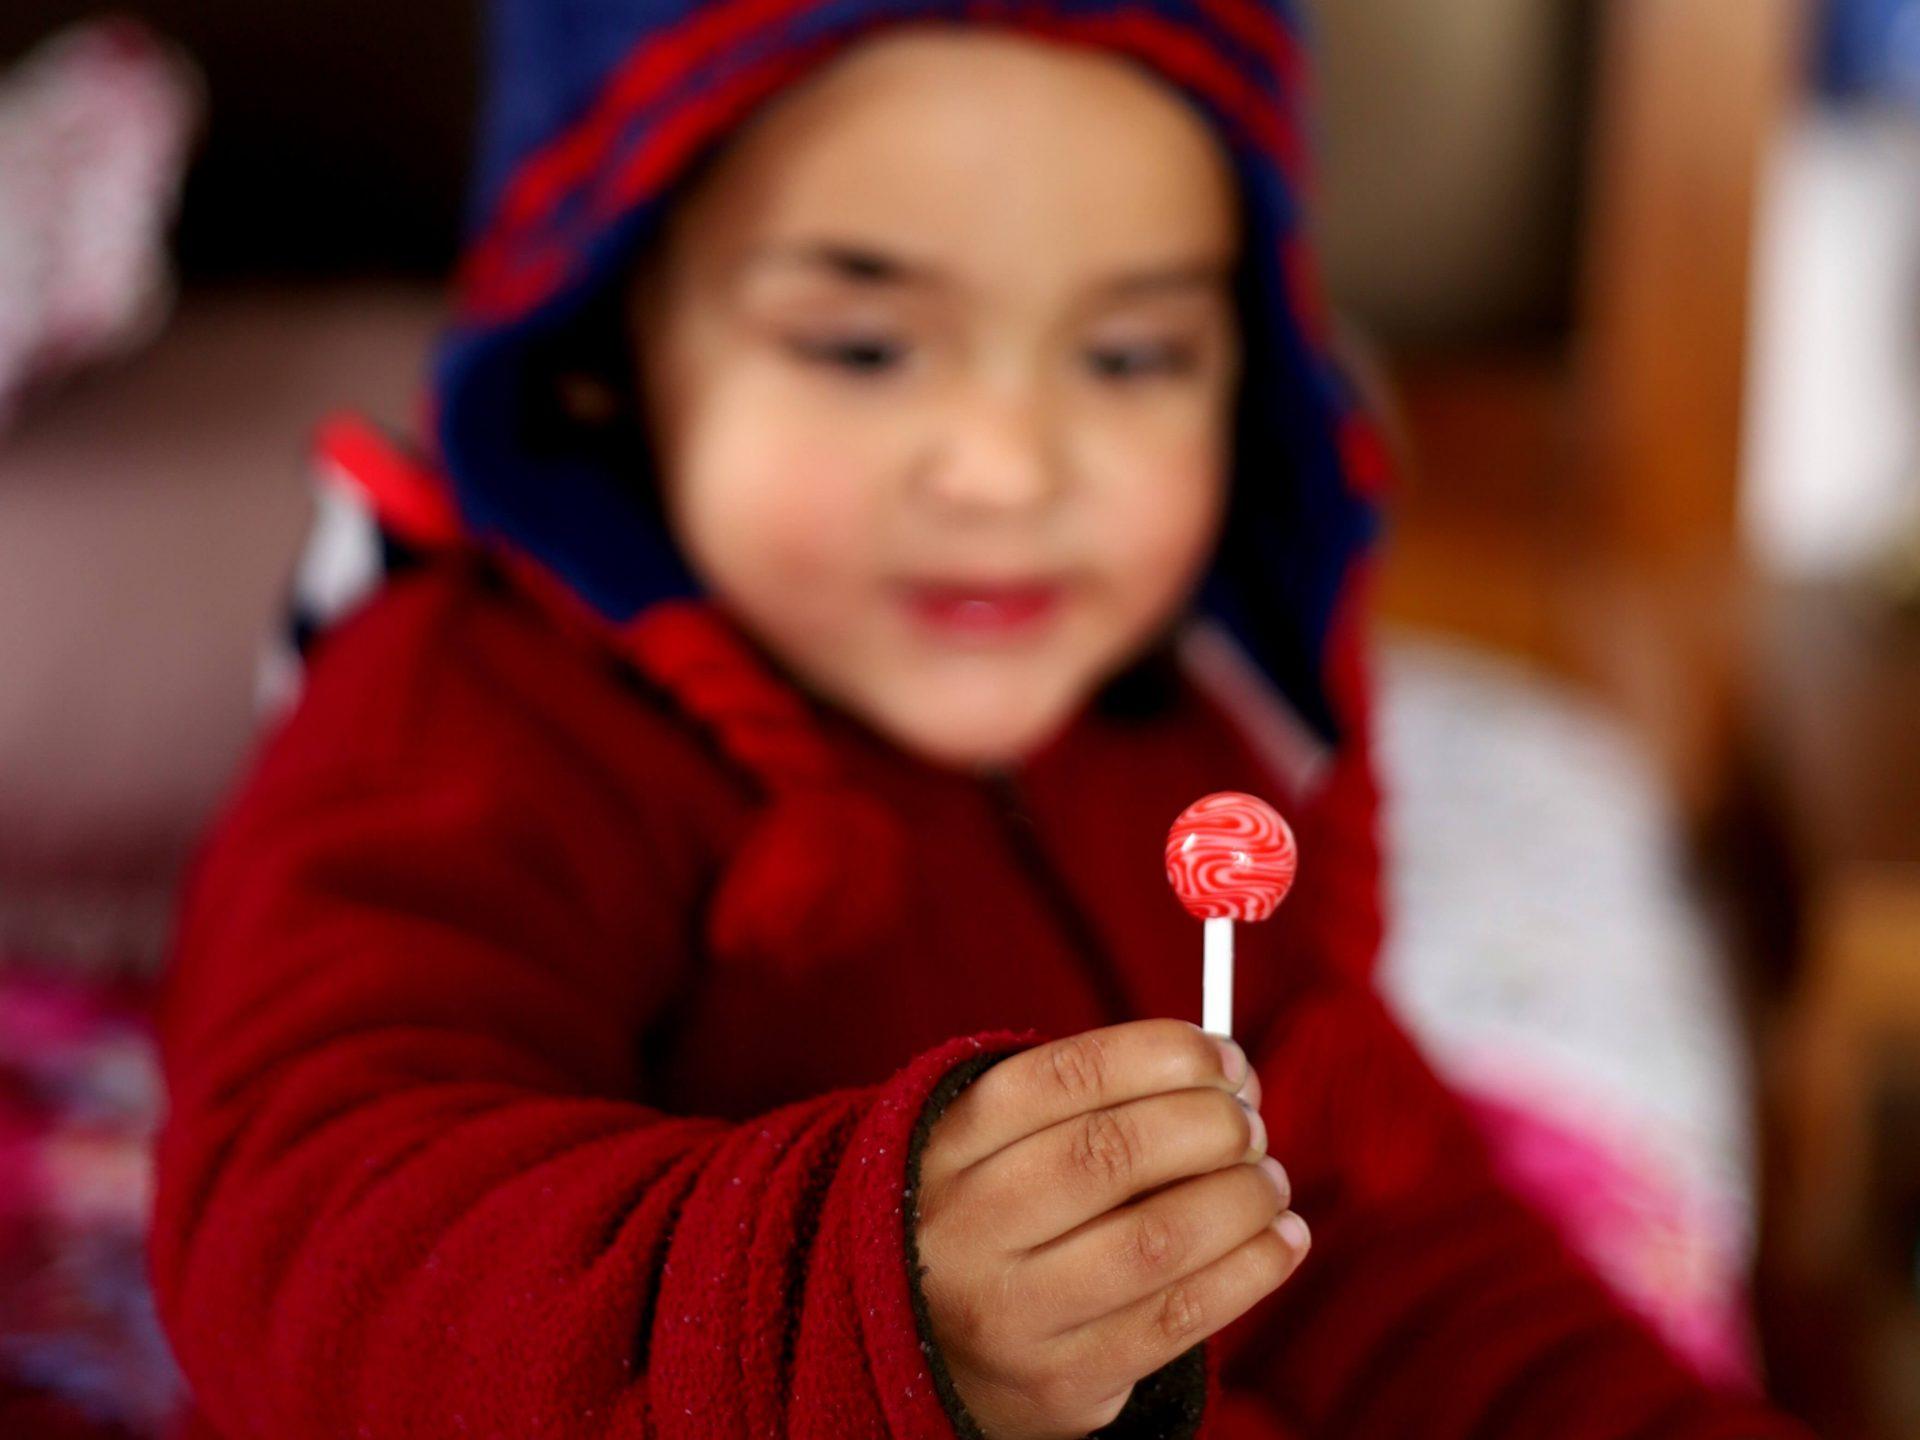 Como roubar doce de criança